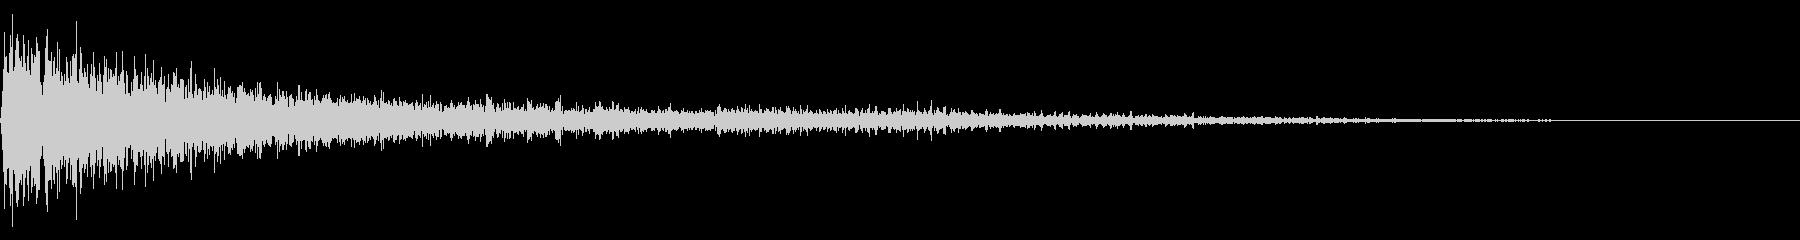 予感 不穏 ピアノ01の未再生の波形